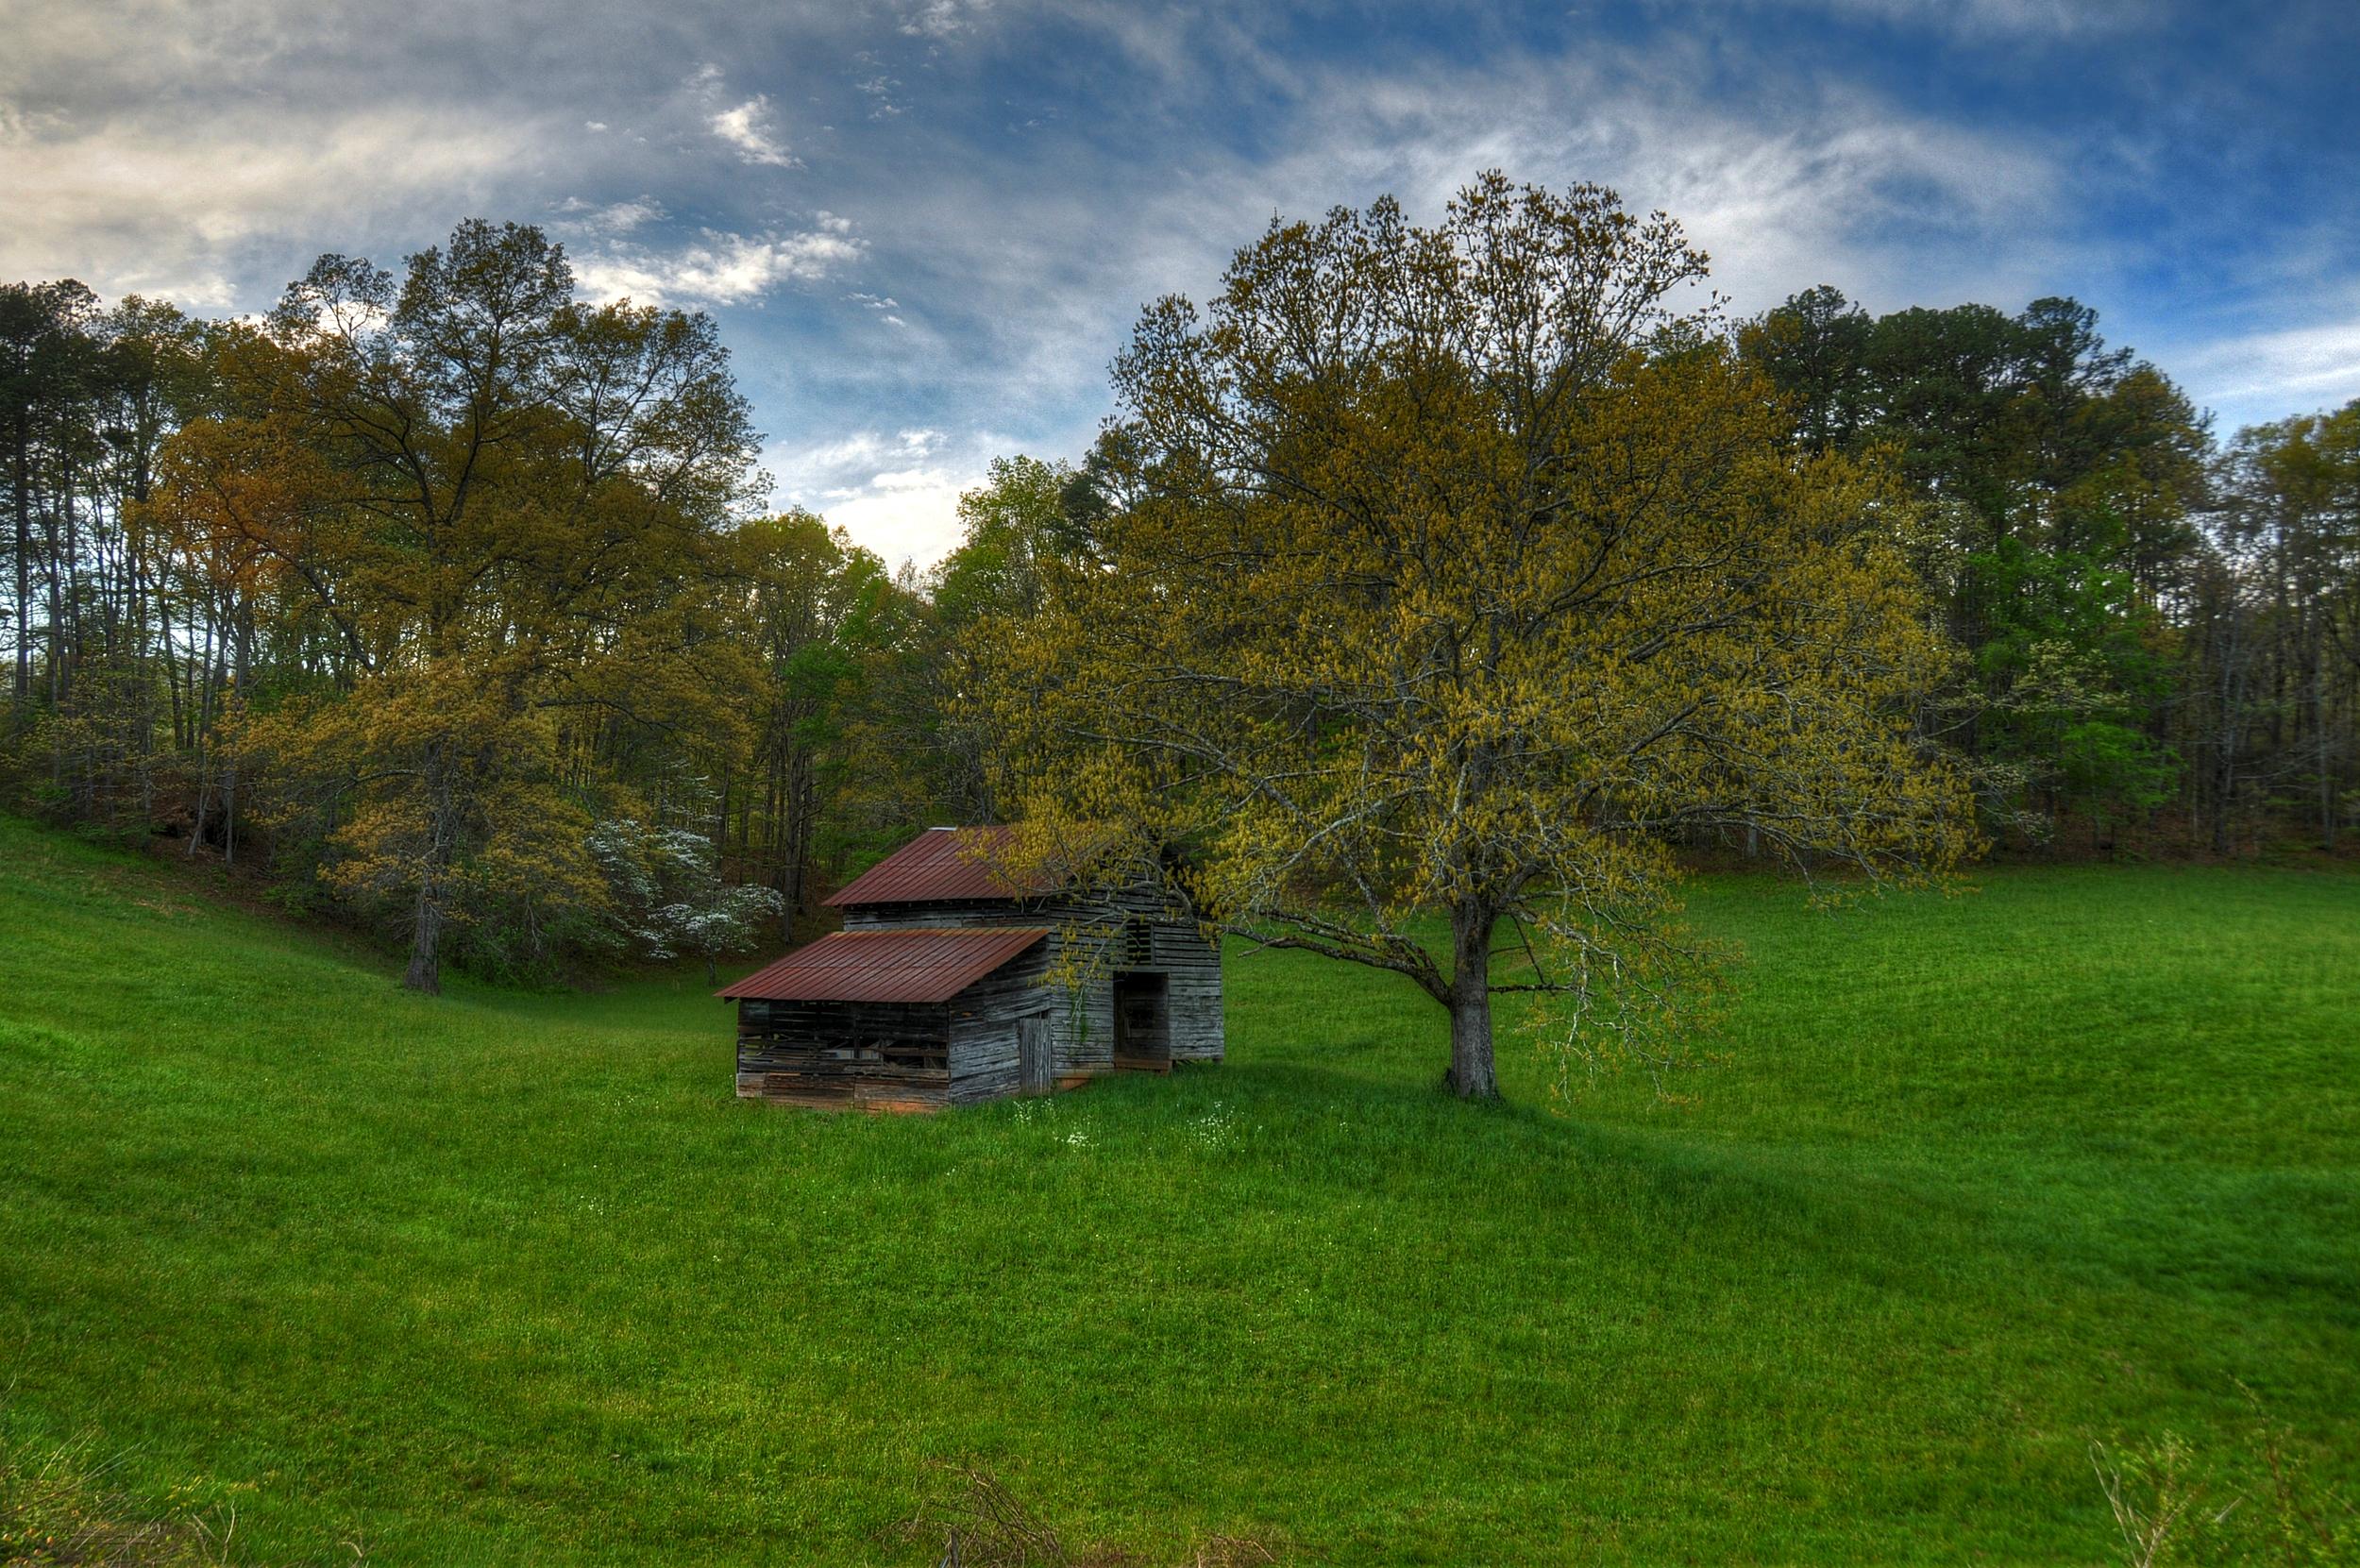 tree barn1.jpg